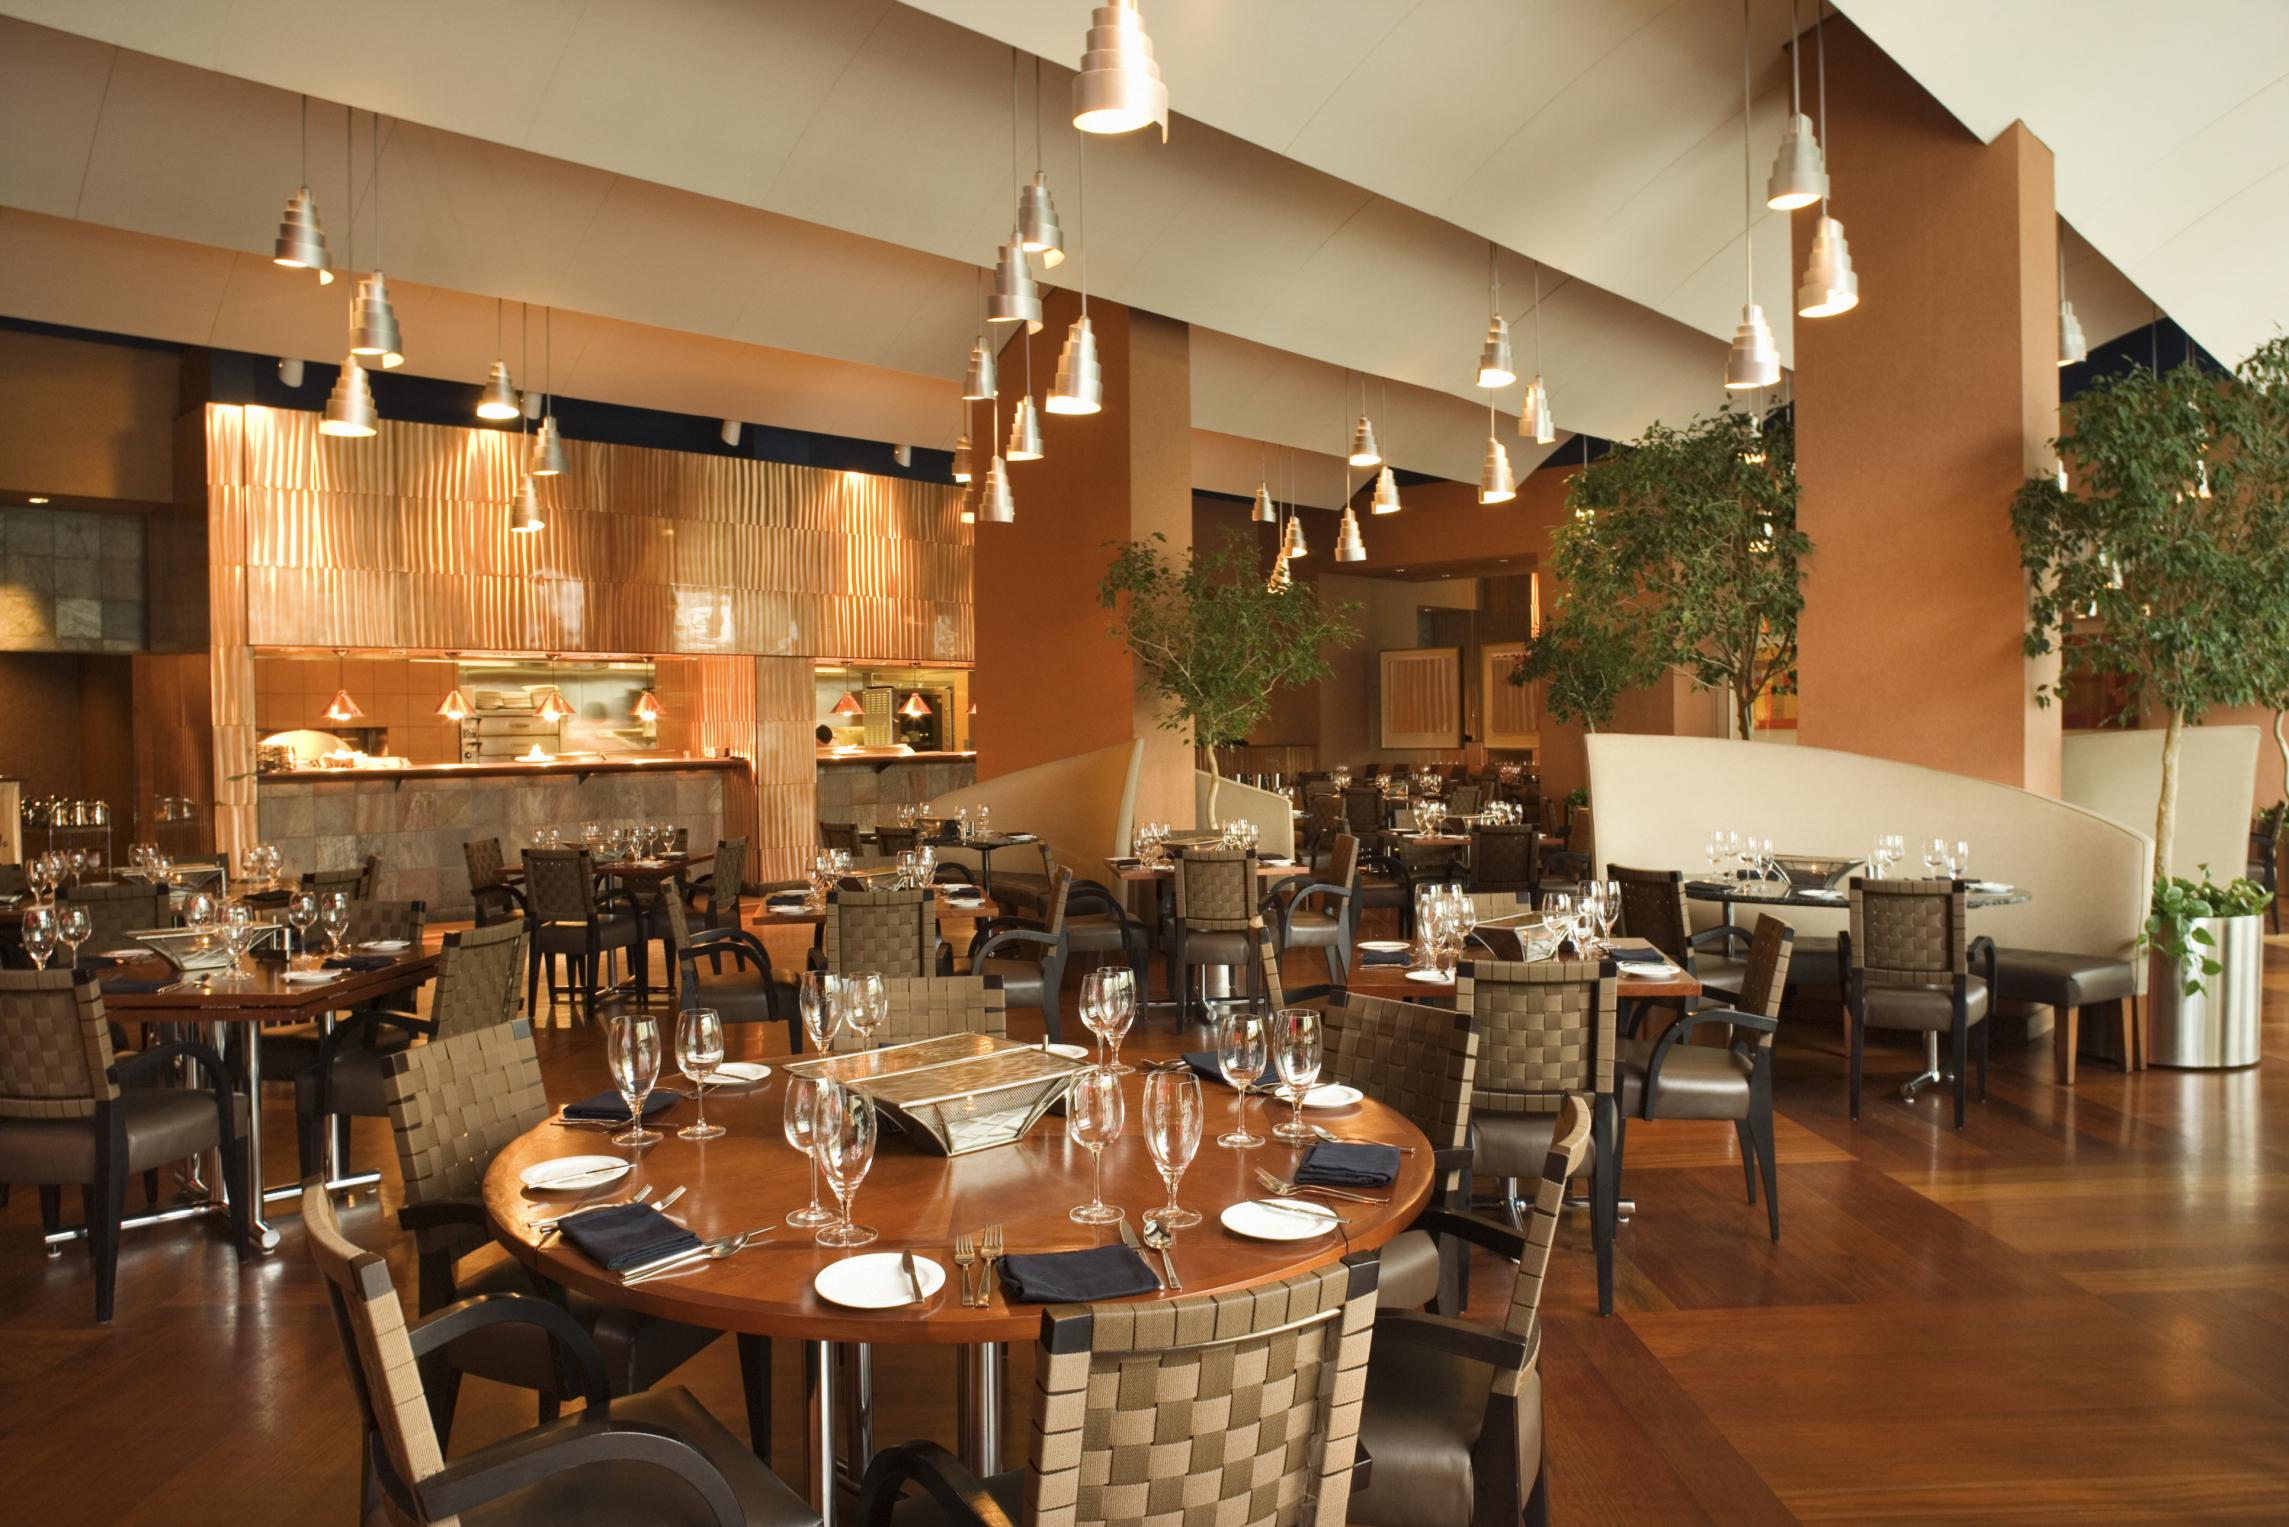 9 Bí quyết kinh doanh nhà hàng đông khách sau dịch COVID-19